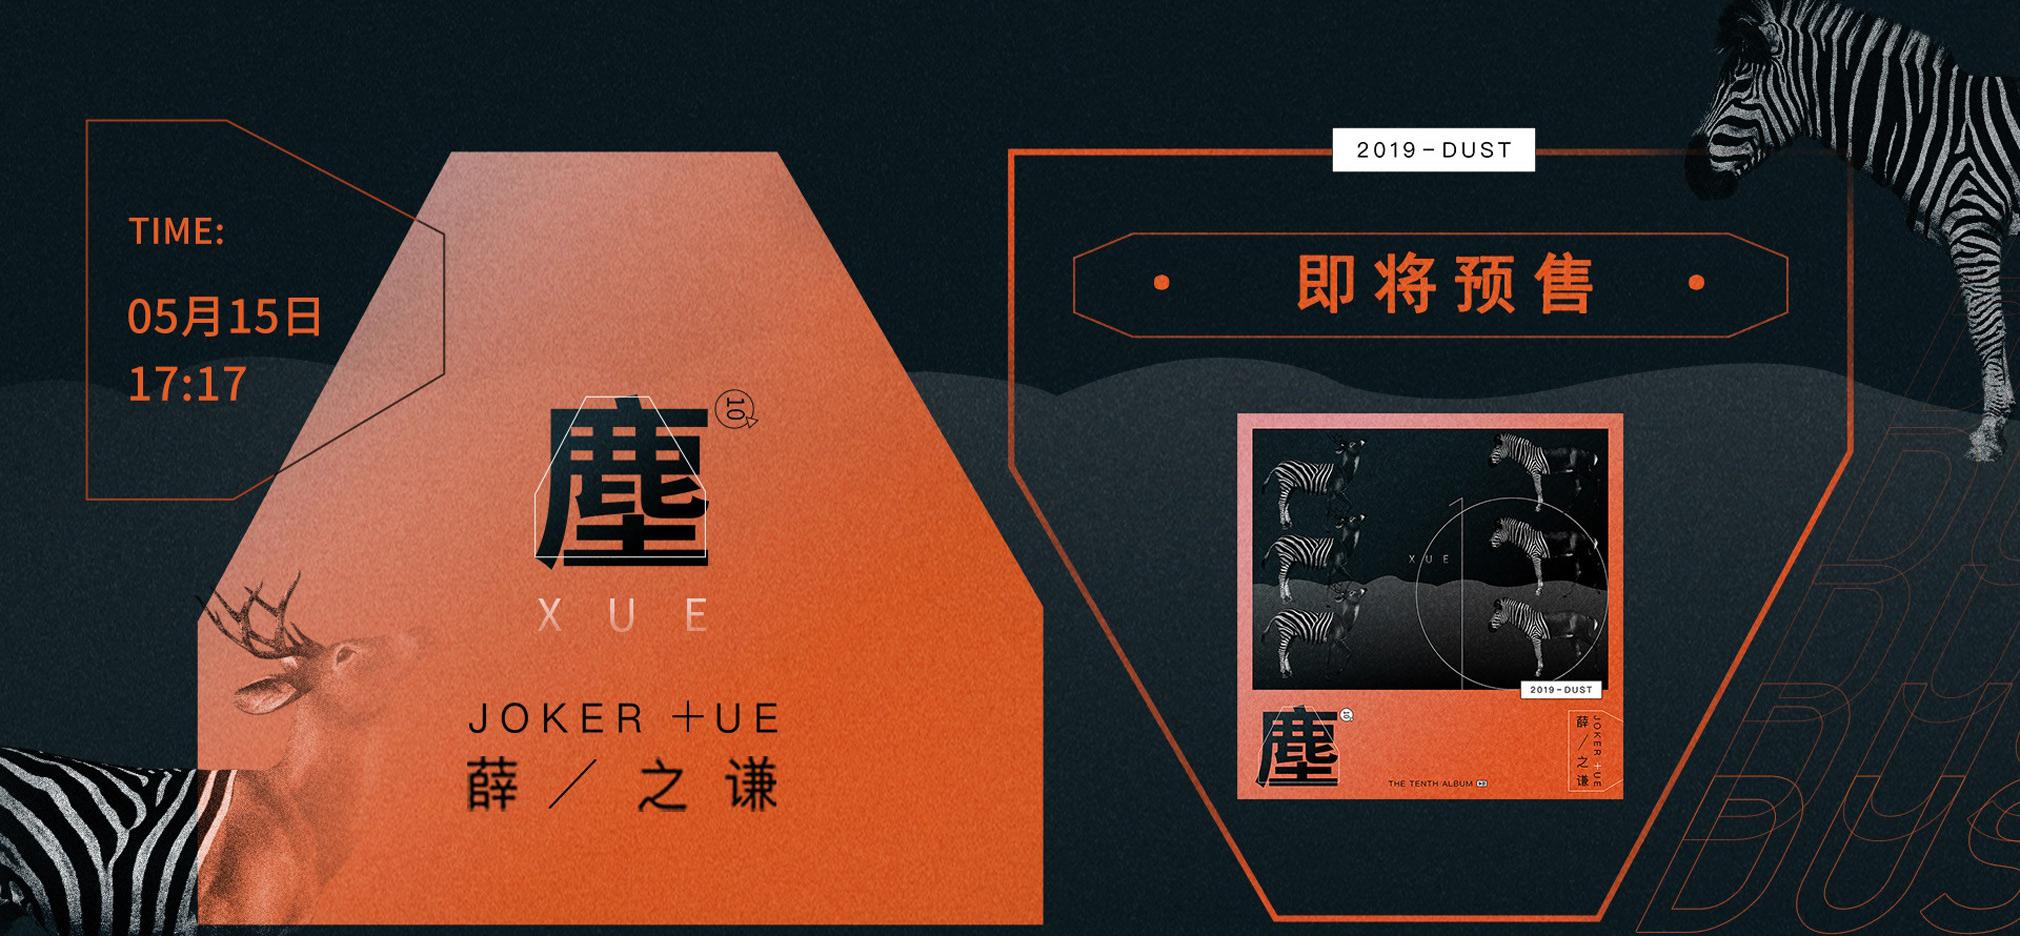 薛之谦第十张实体专辑《尘》明日开启预售